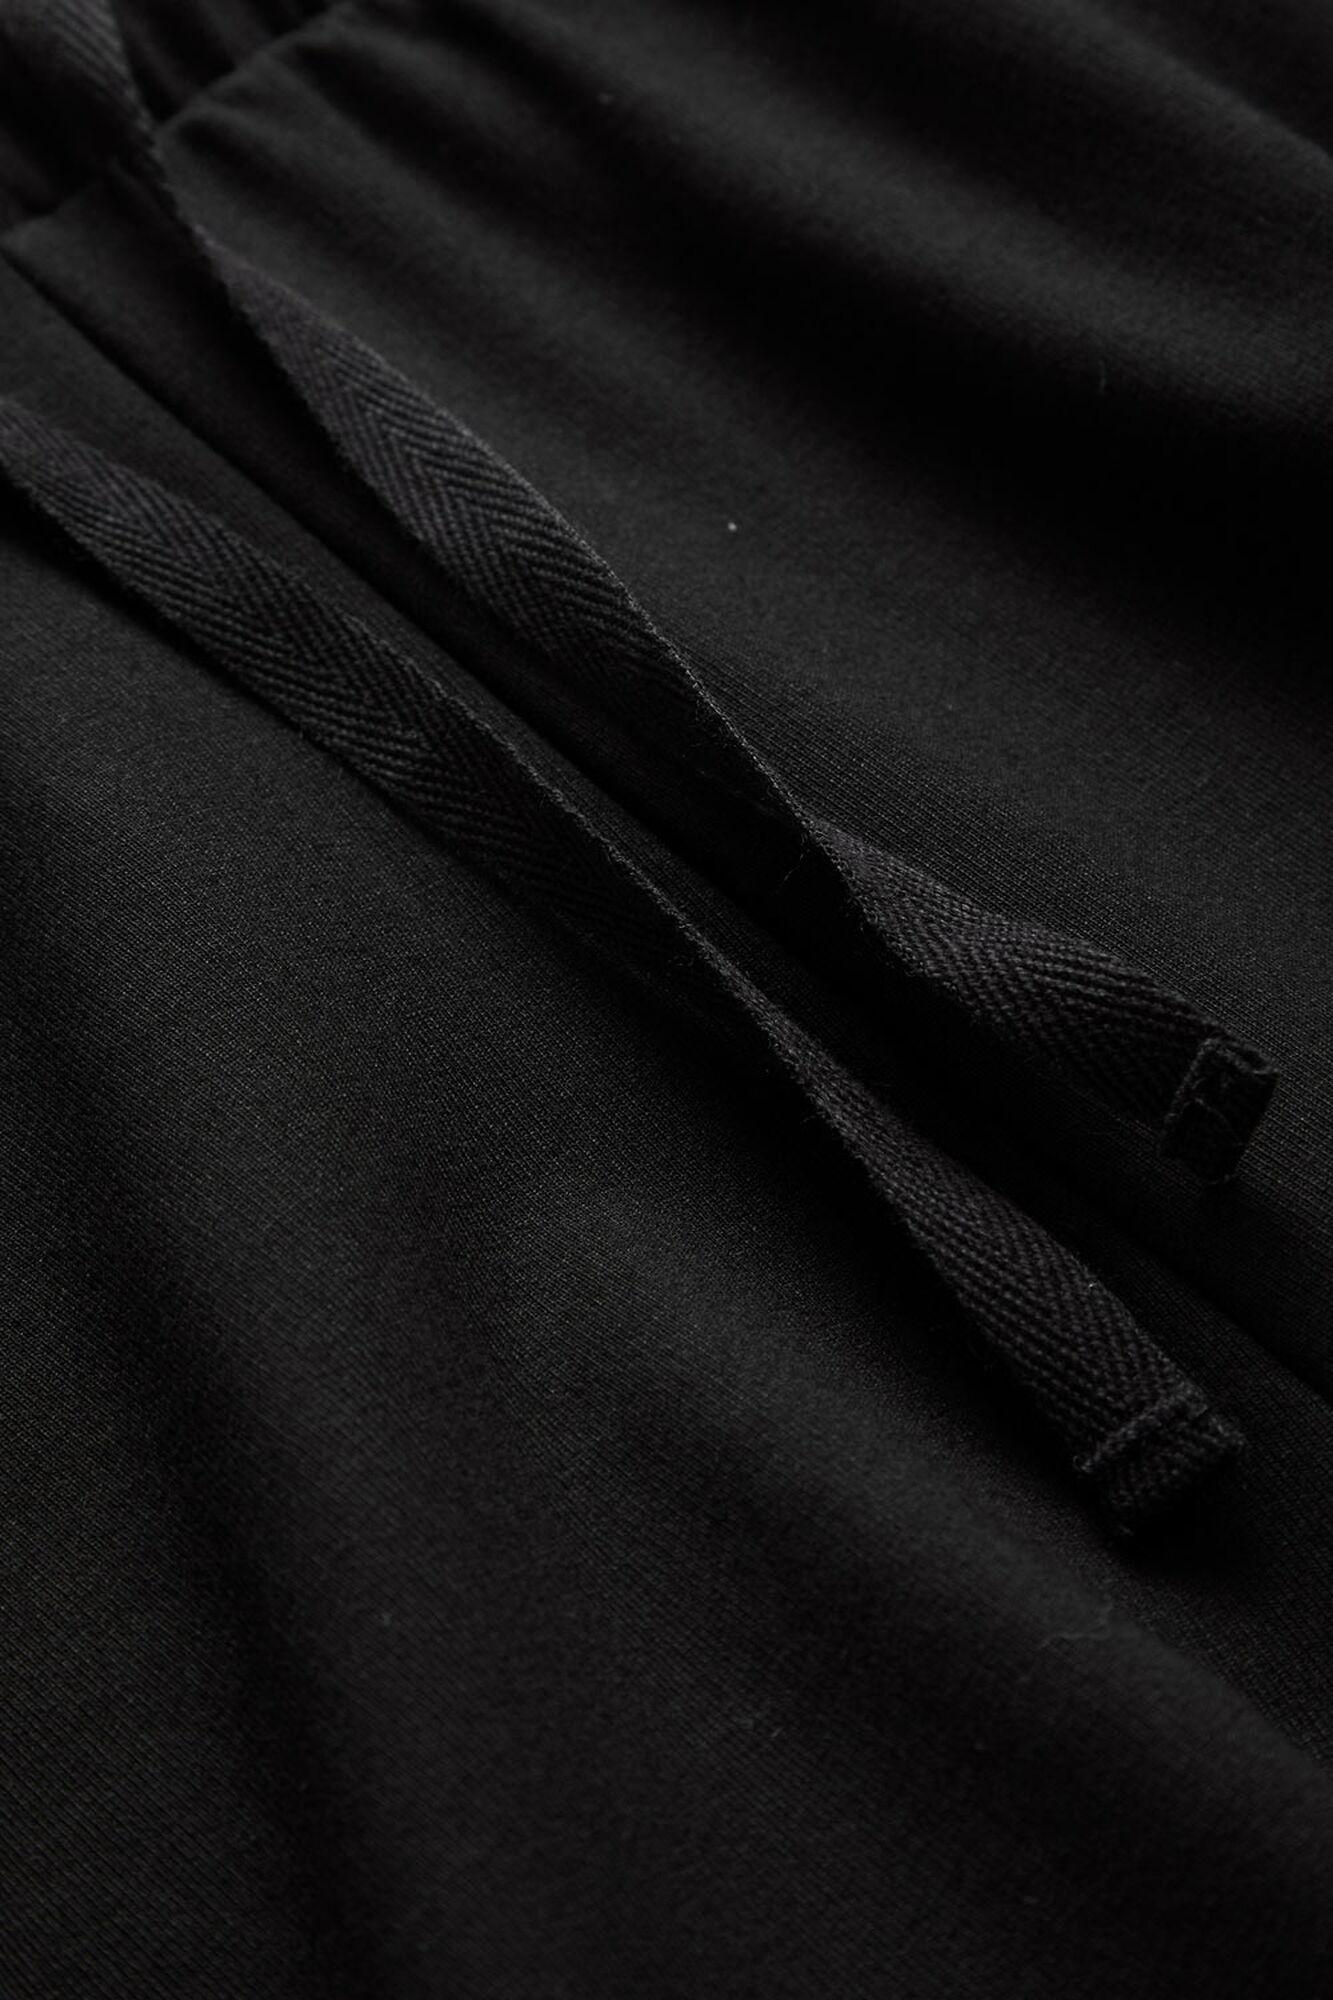 PETRASIA BYXOR, Black, hi-res